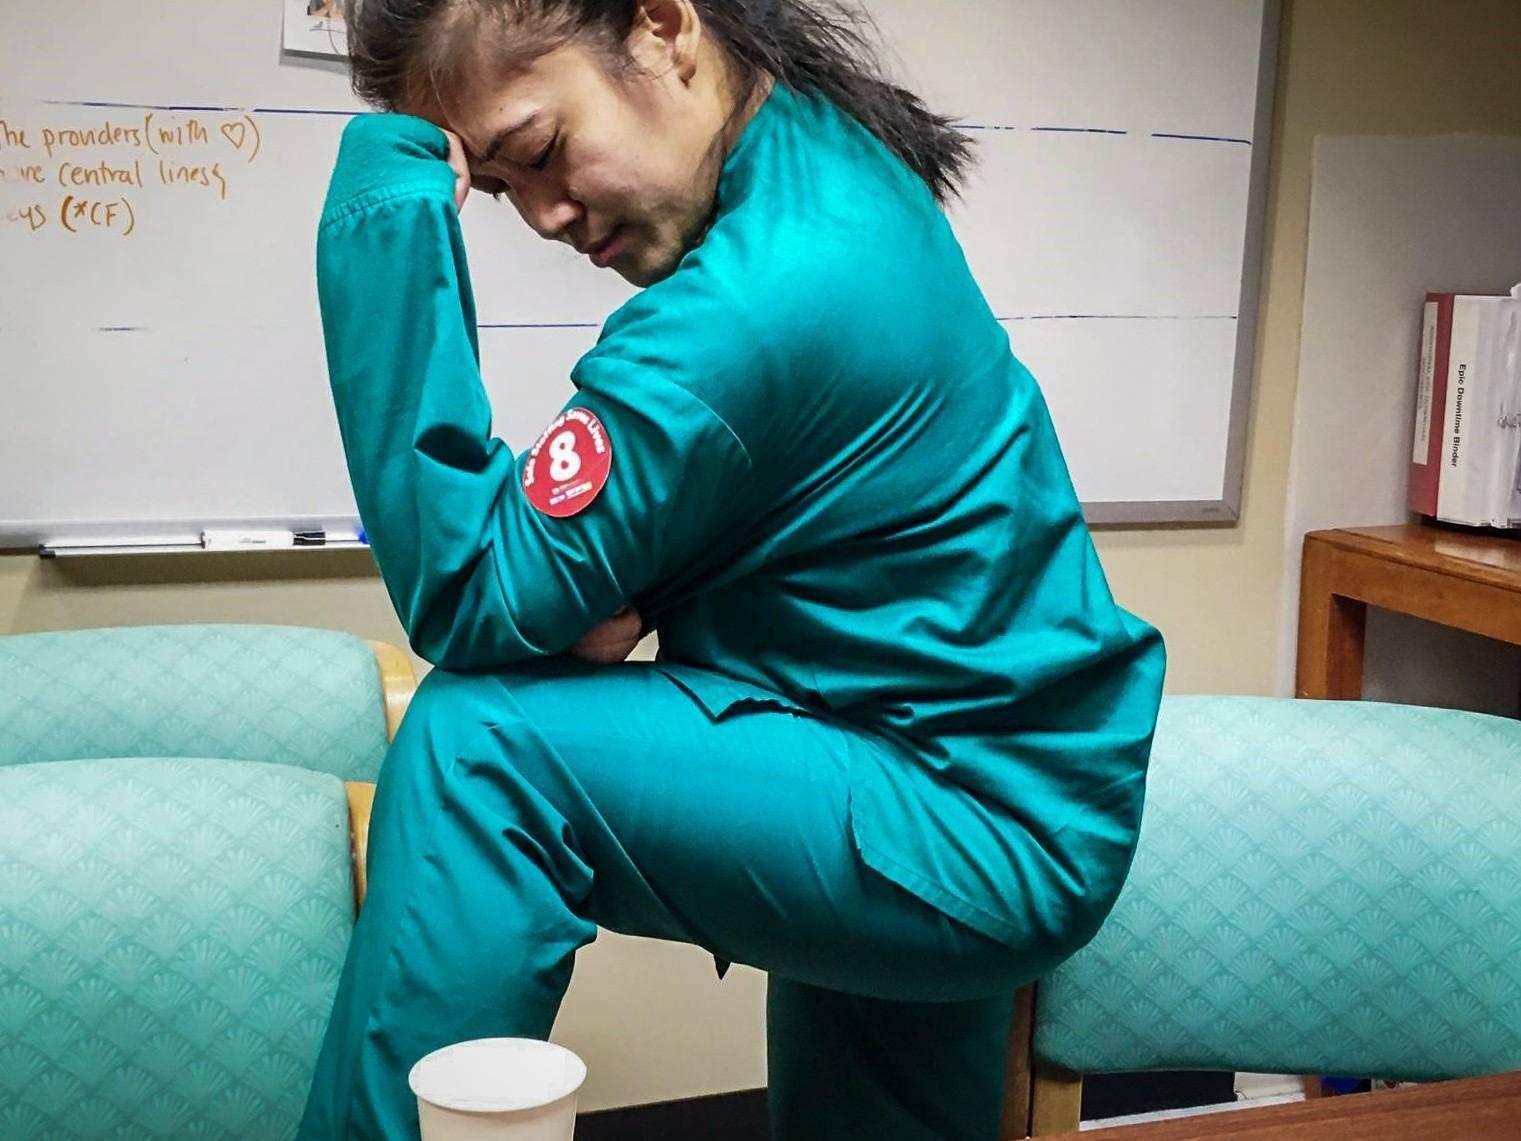 Nurse kneeling in protest